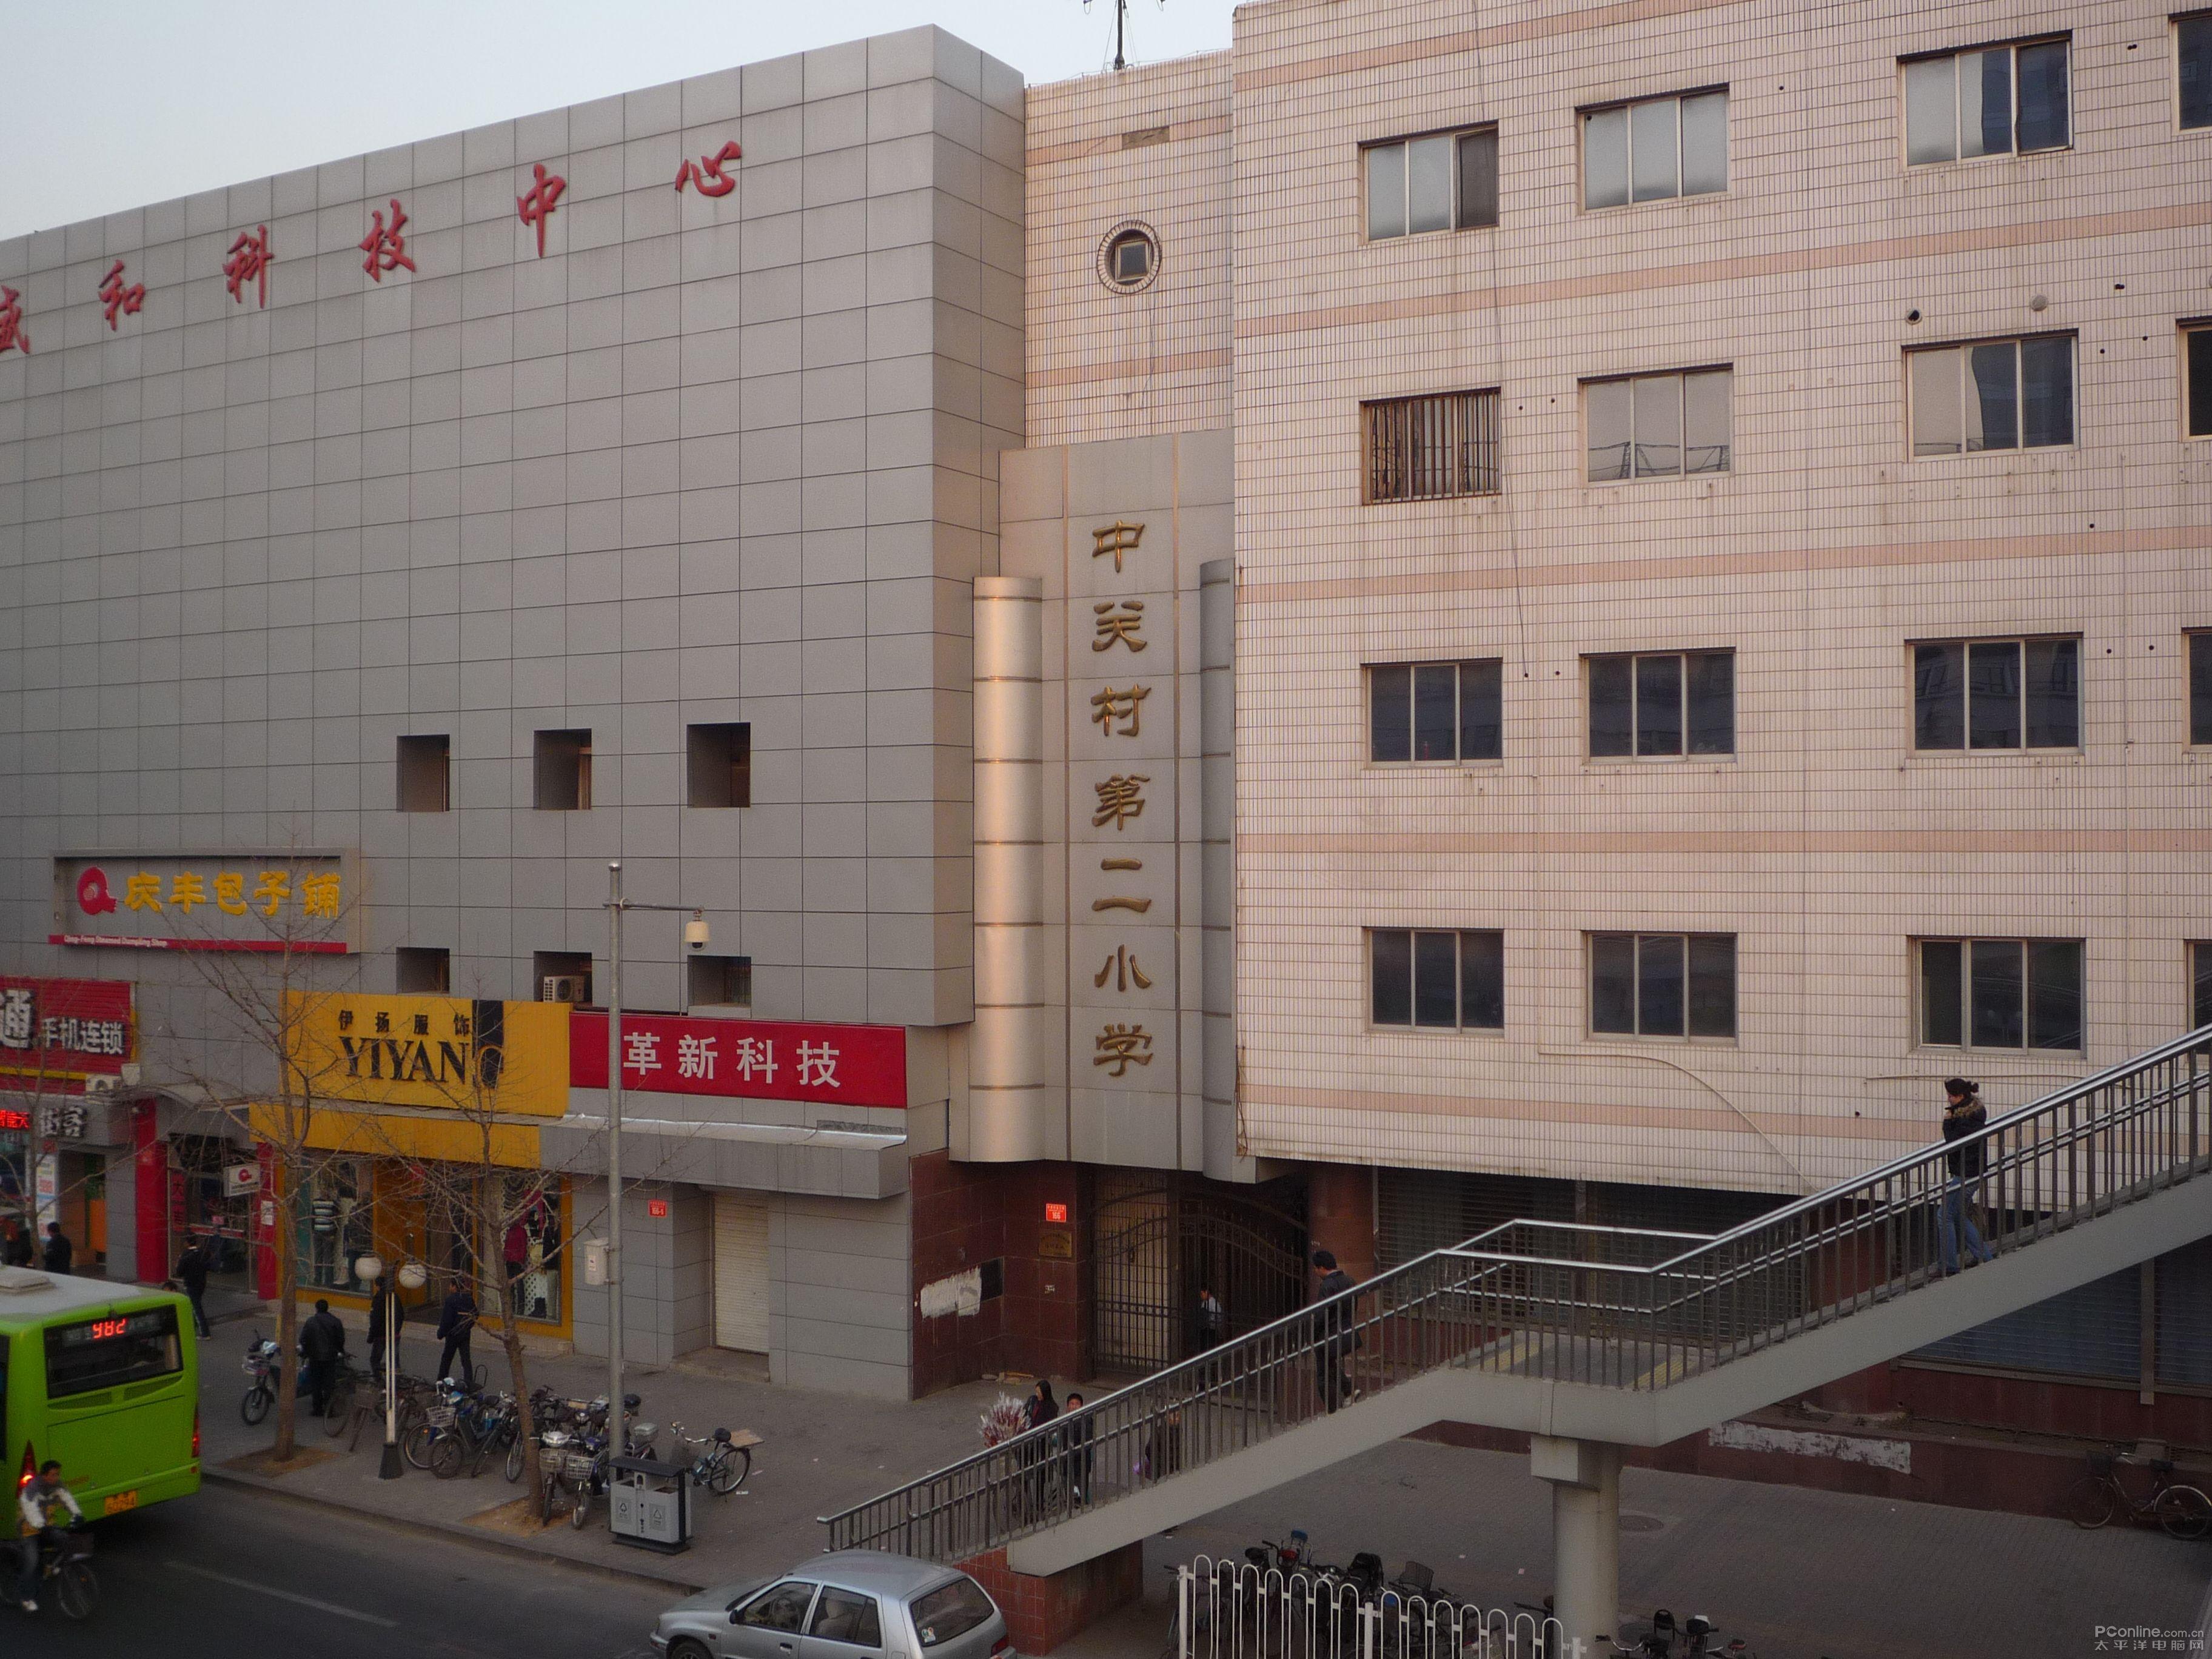 建筑物近景图片素材